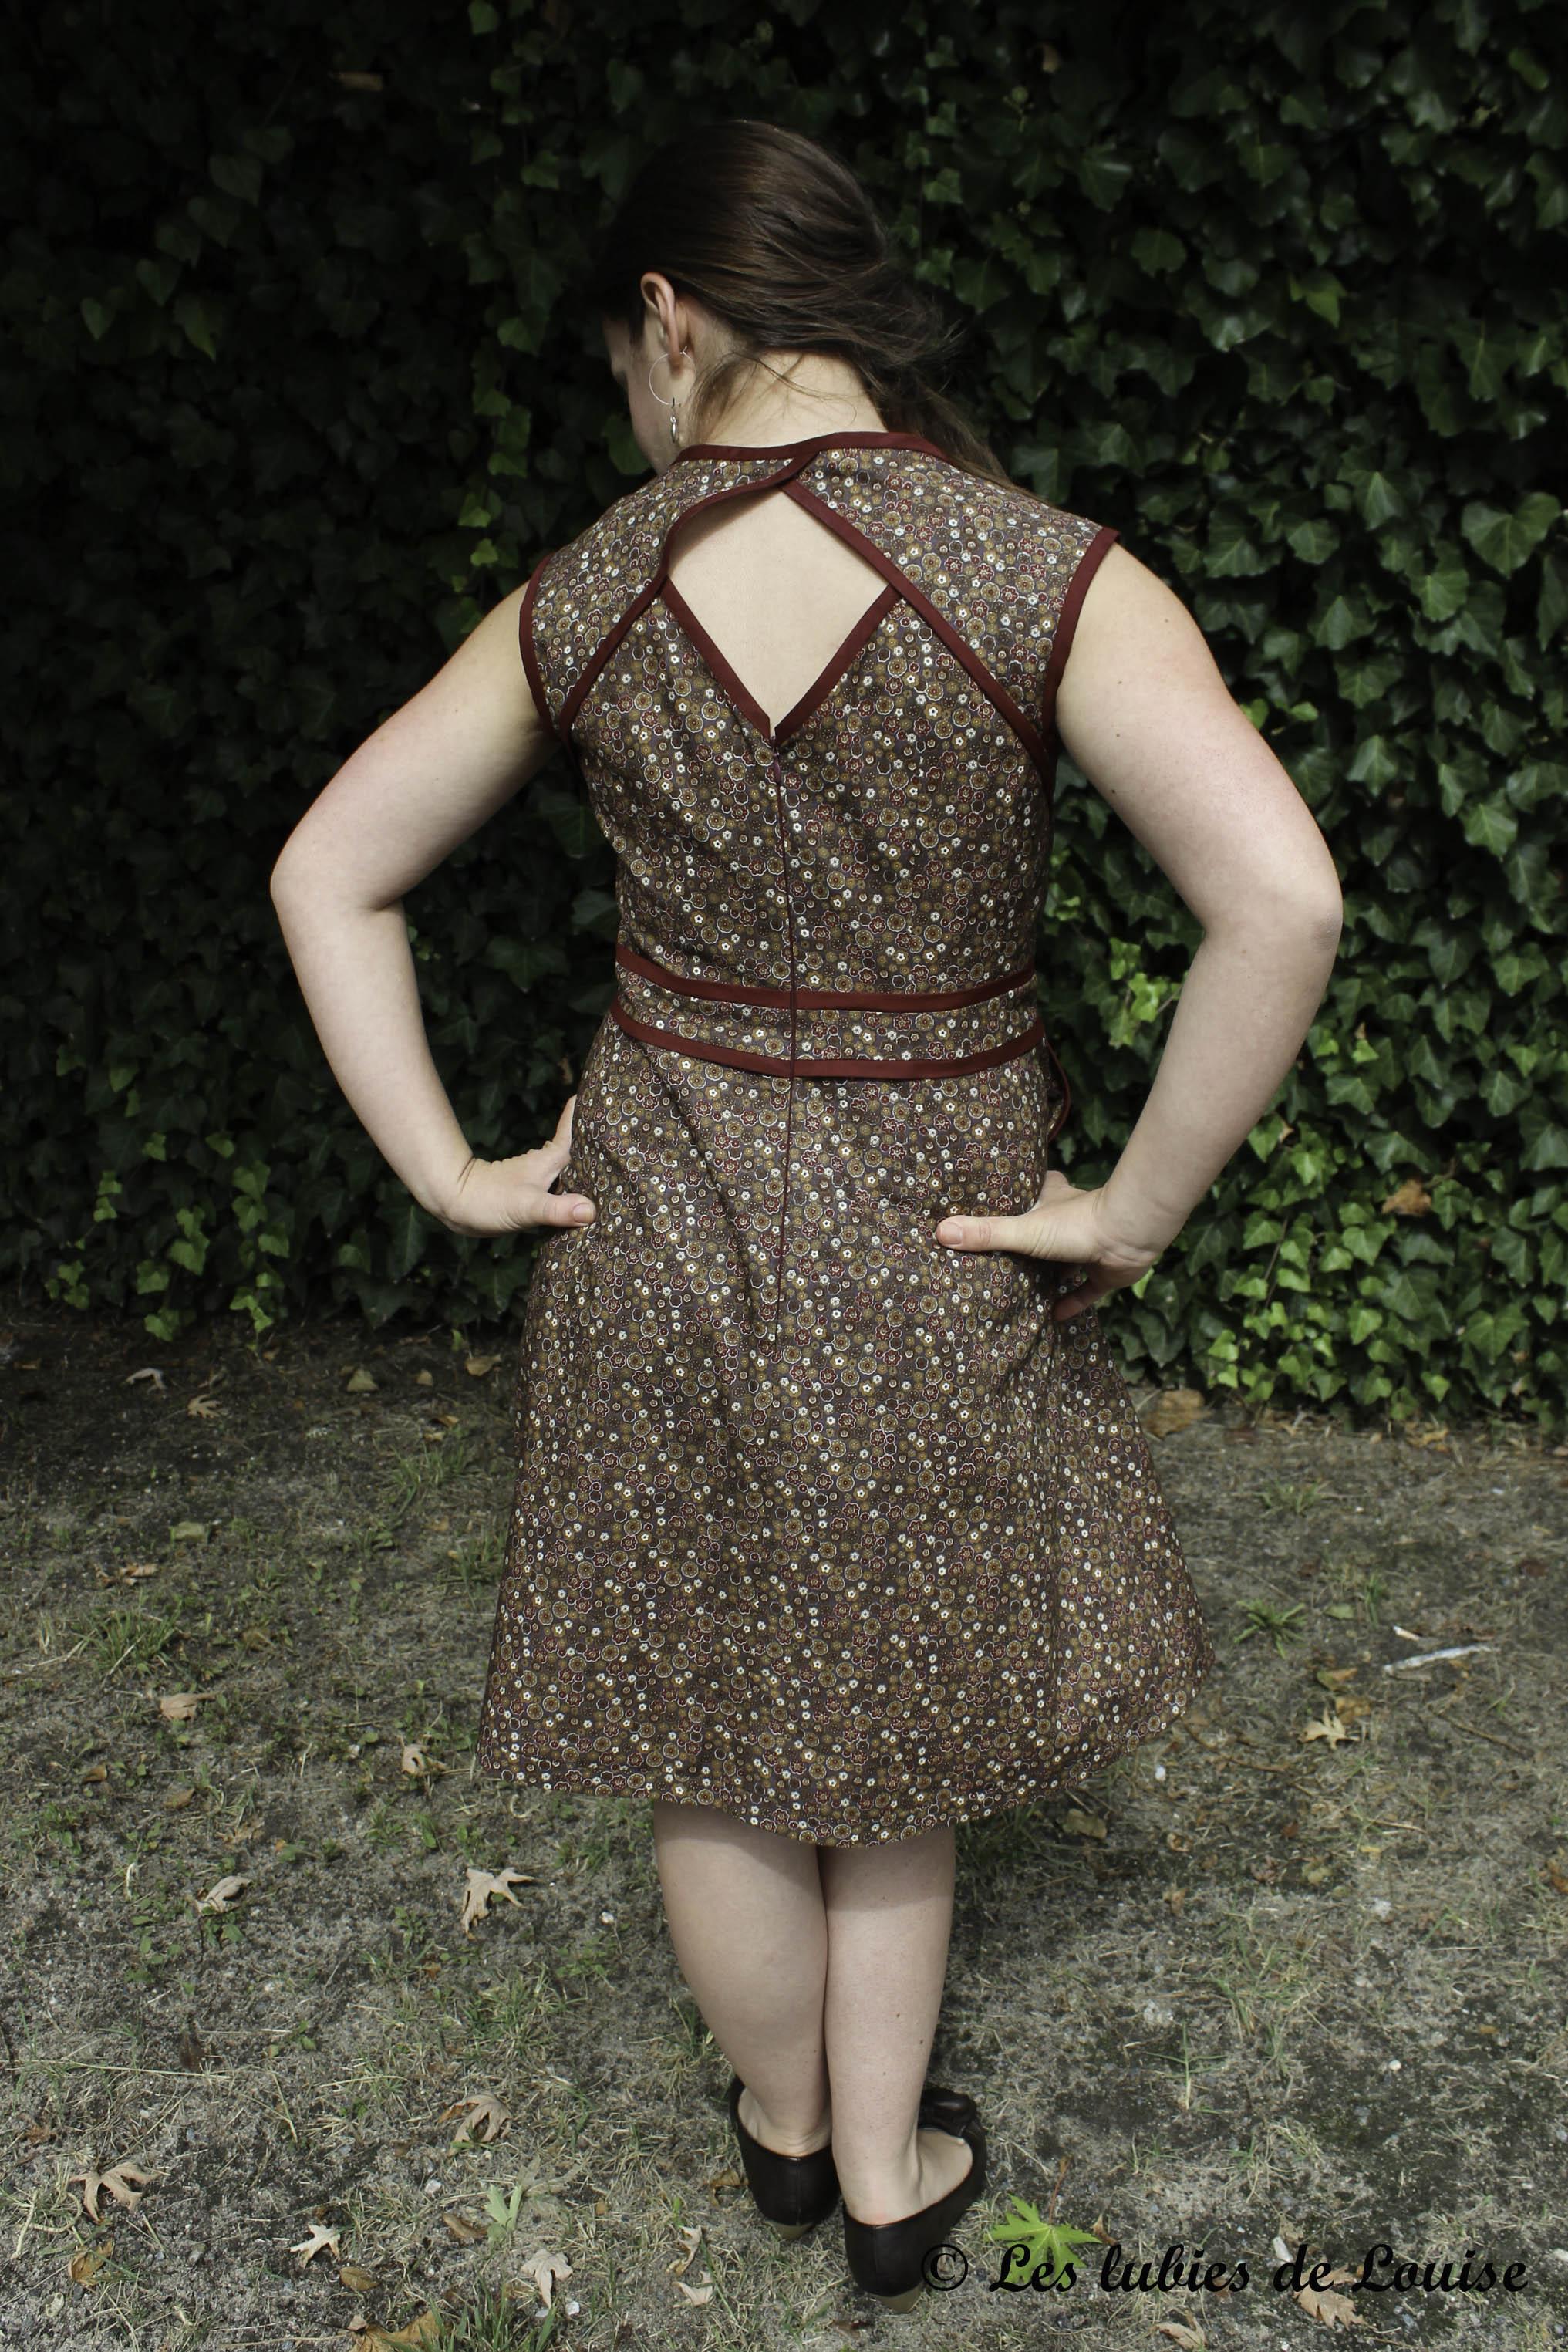 Belladone d'automne - Les lubies de Louise (5 sur 9)